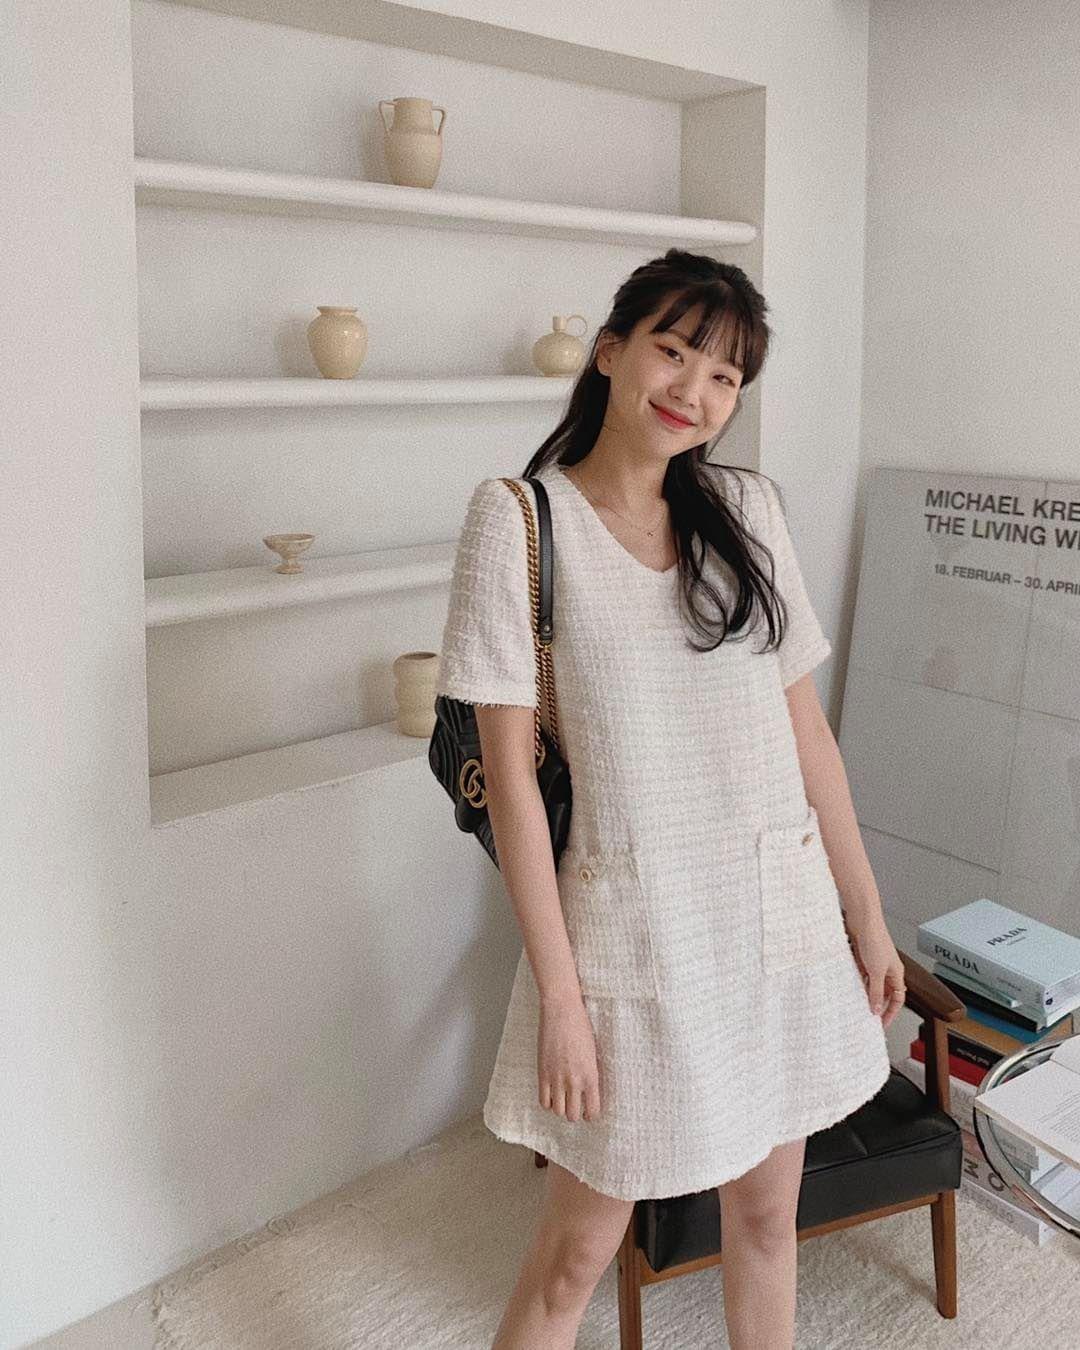 Hè đến là gái Hàn lại diện đủ kiểu váy trắng siêu trẻ xinh và tinh tế, xem mà muốn sắm cả 'lố' về nhà - Ảnh 10